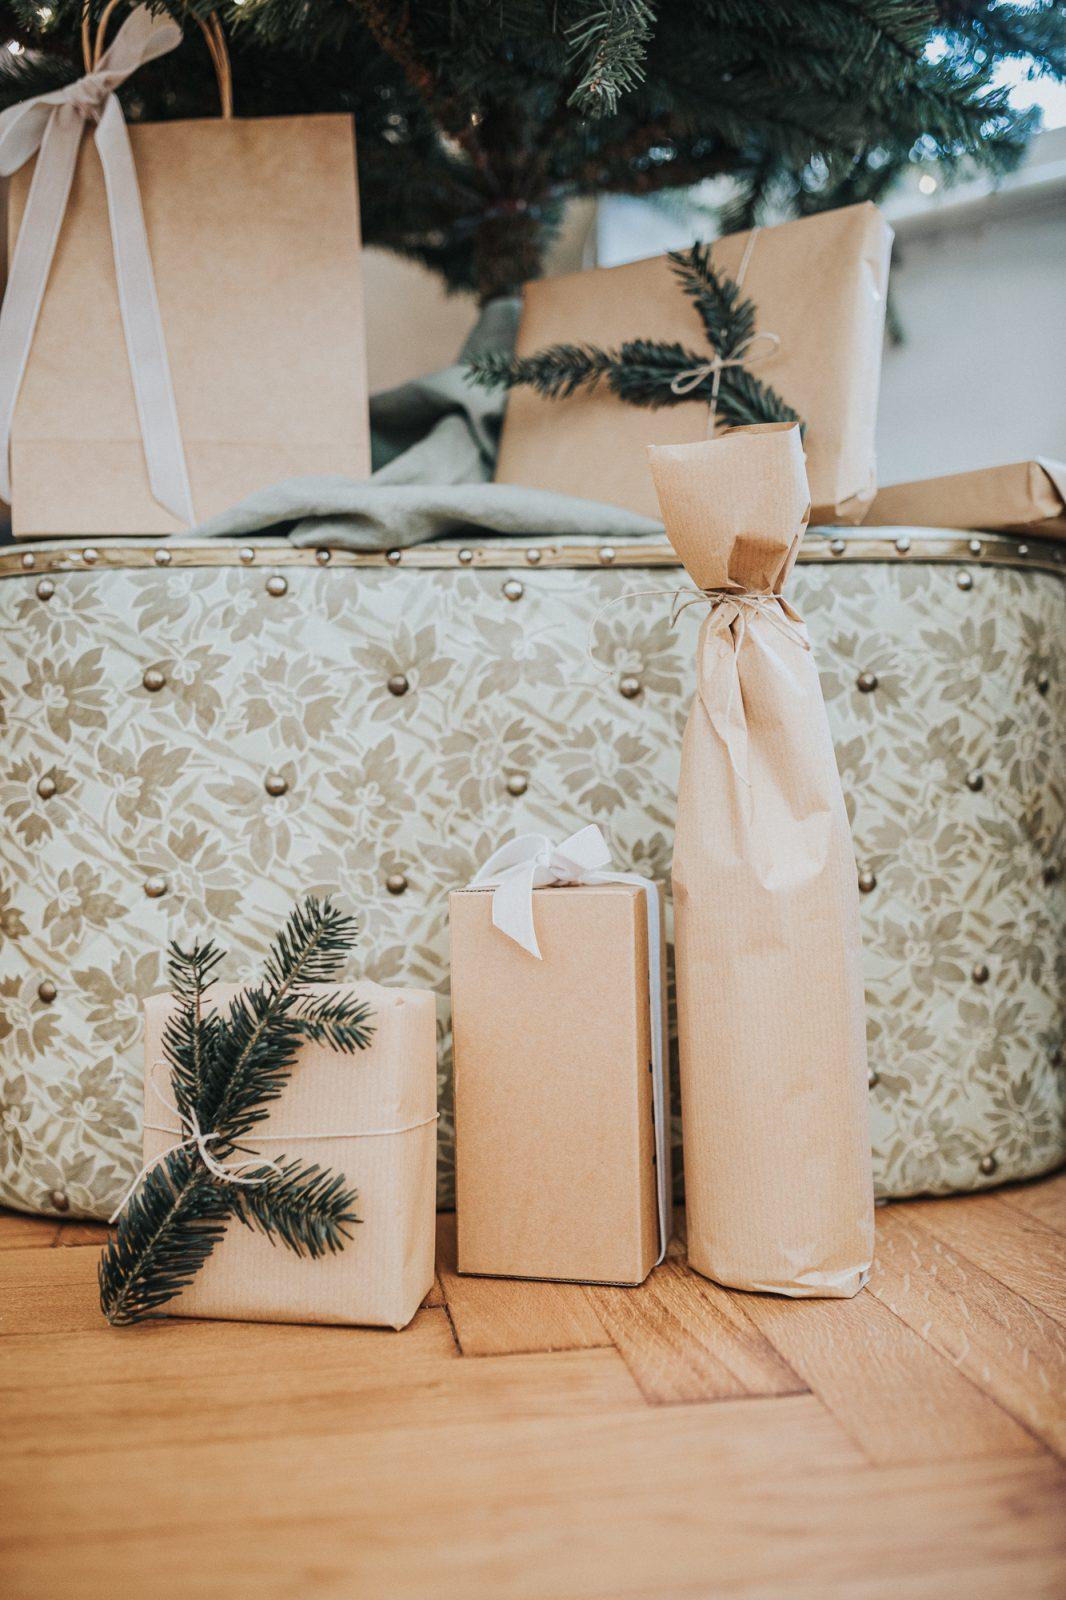 Verpackte Geschenke zu Weihnachten